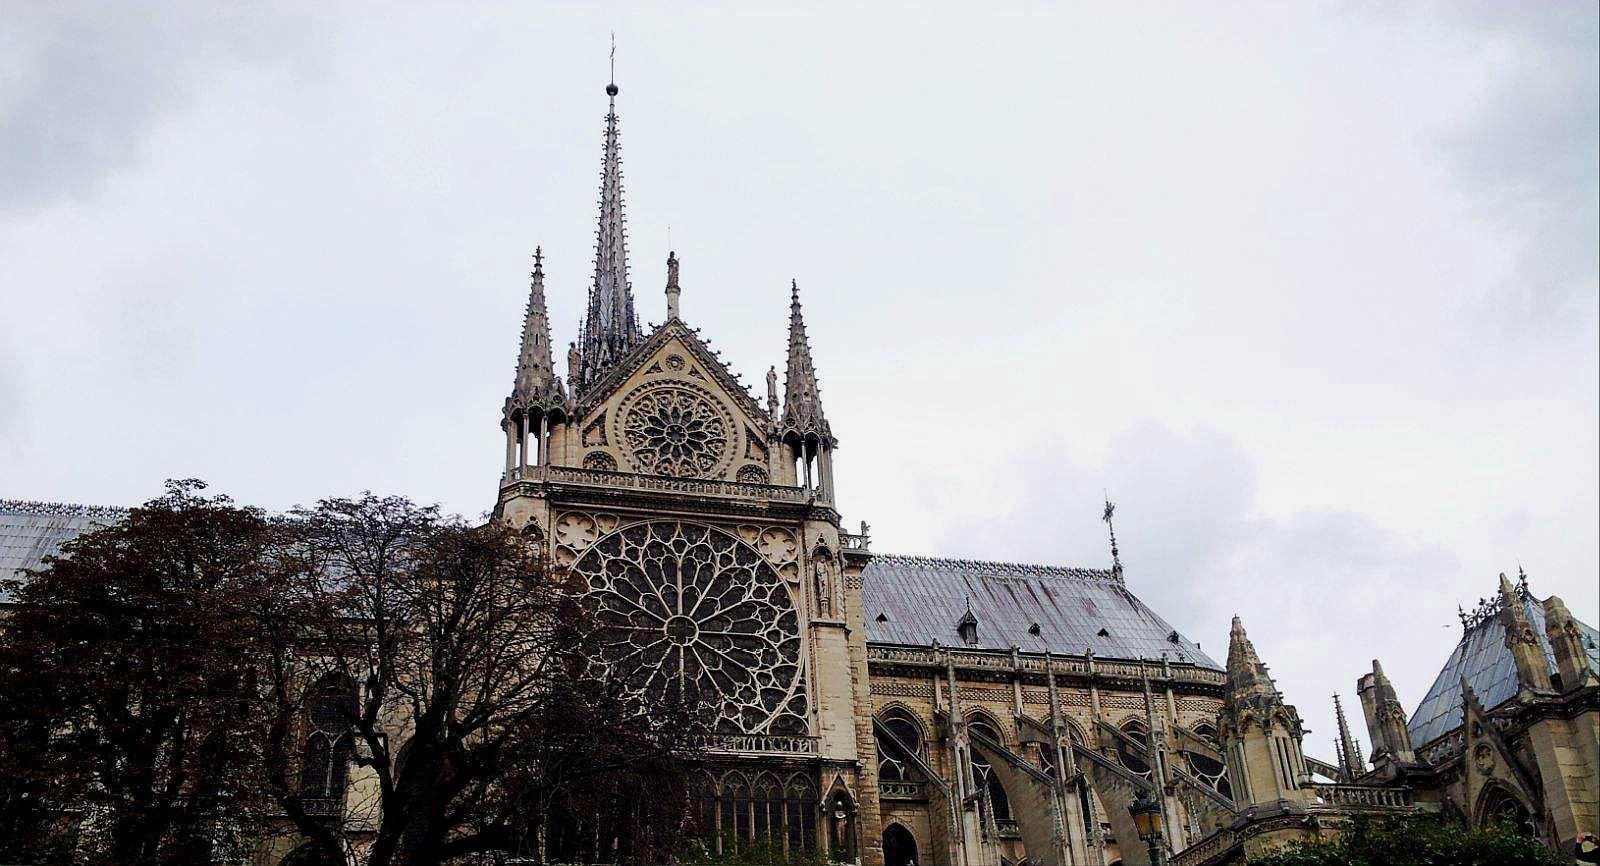 为何文艺青年只敢为巴黎圣母院哀悼,却没人敢用真金白银表示支持